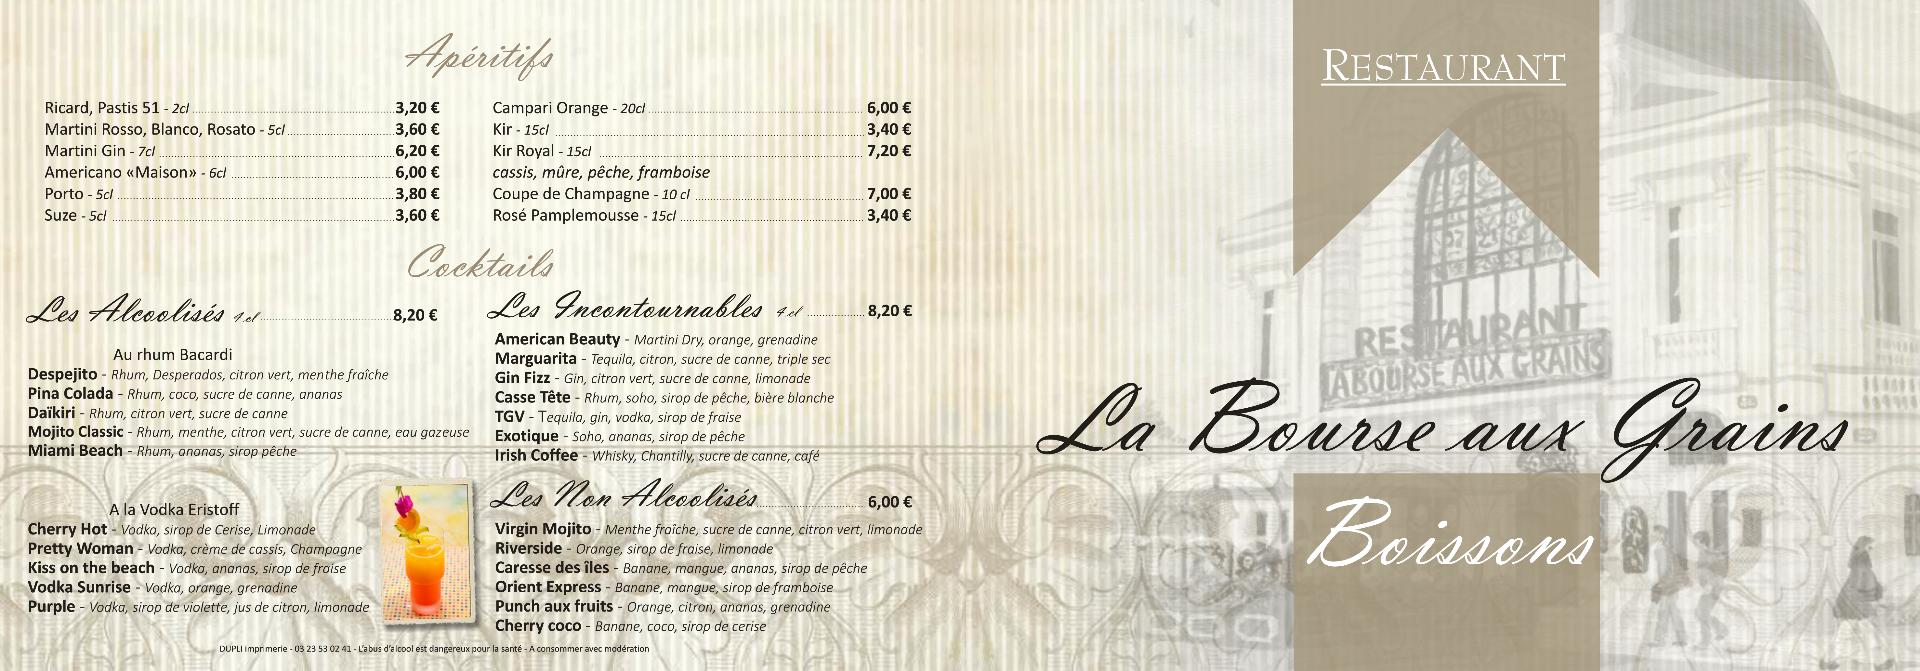 Restaurant Soissons La Bourse Aux Grains : Carte des Boissons